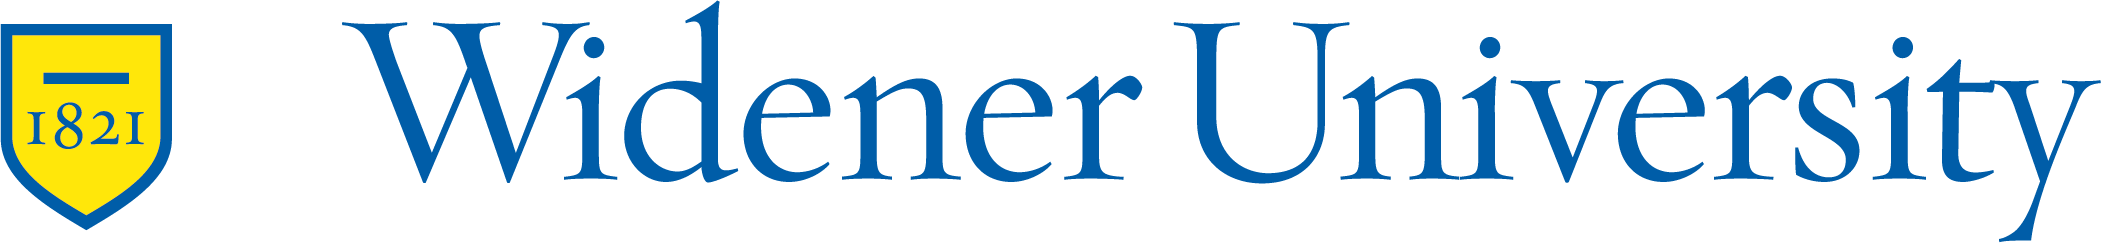 Widener University Homecoming